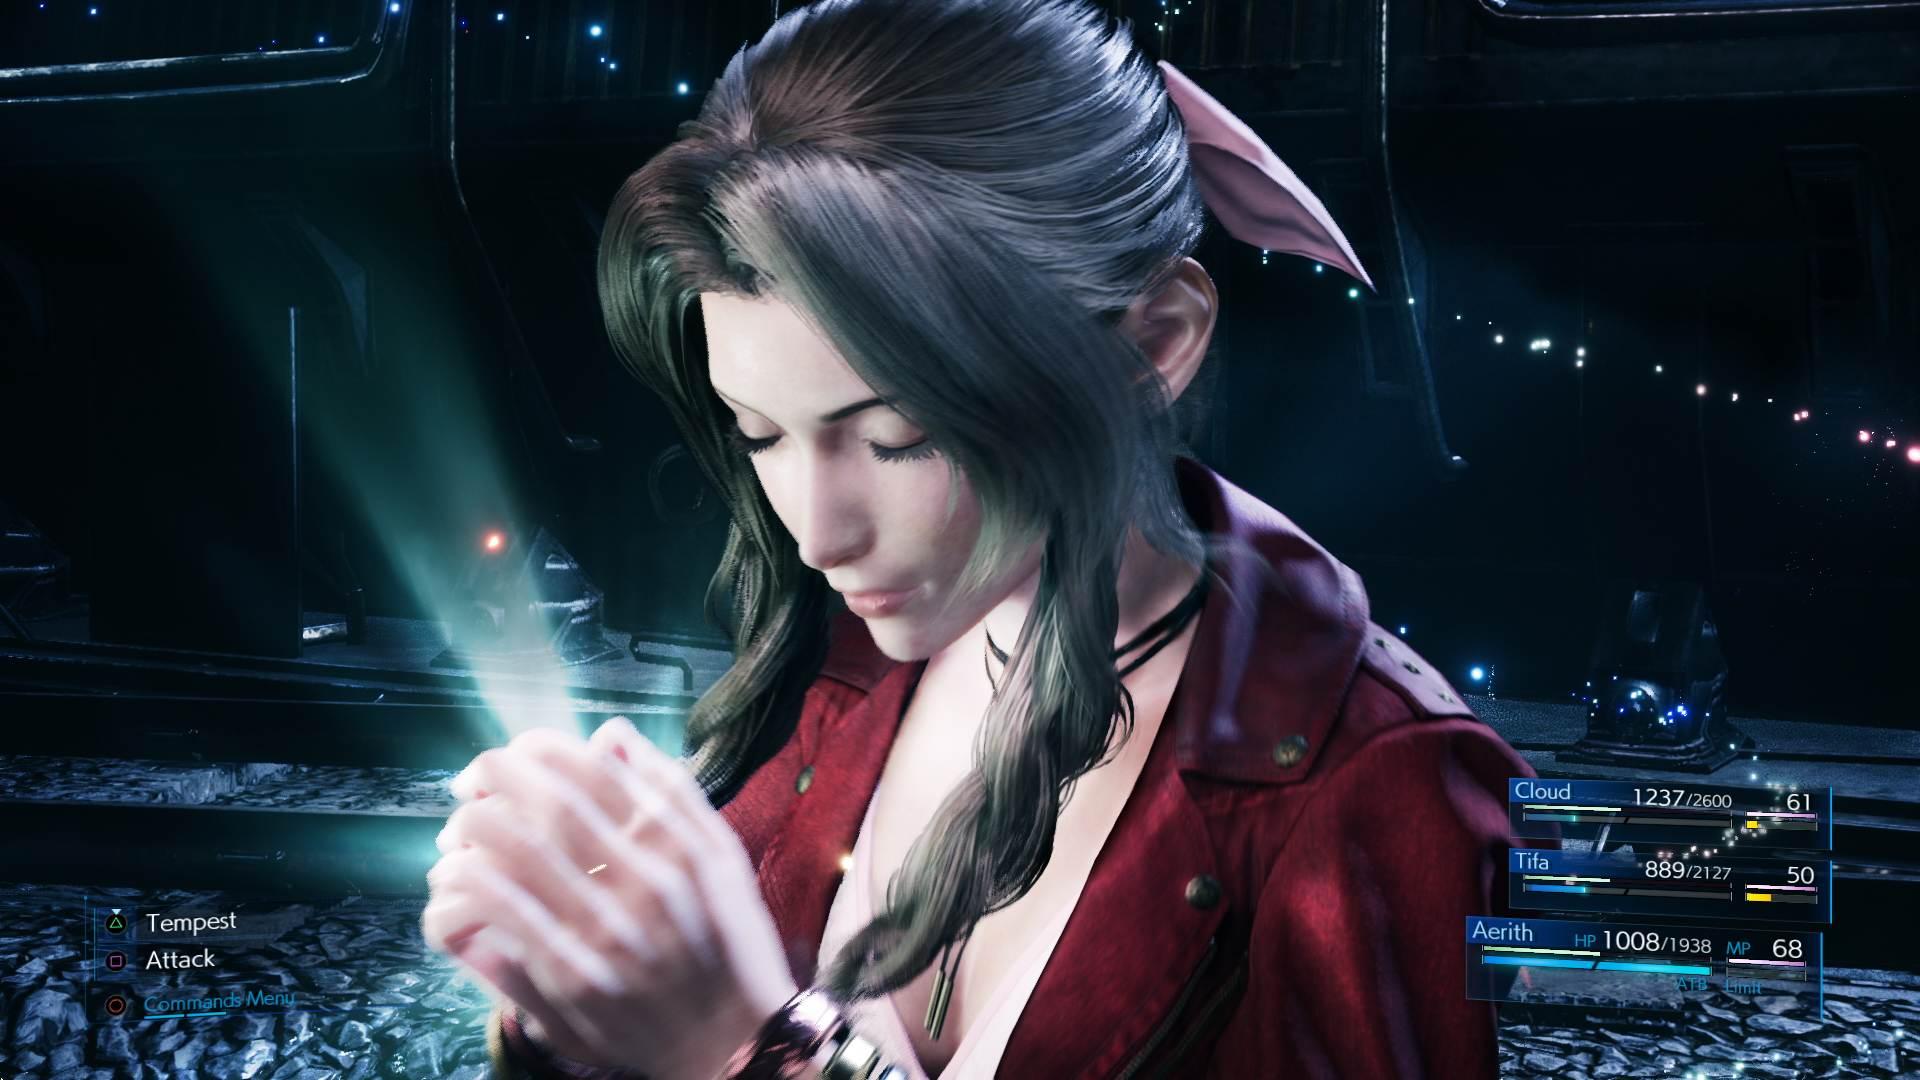 Final-Fantasy-VII-Remake-Bild-5